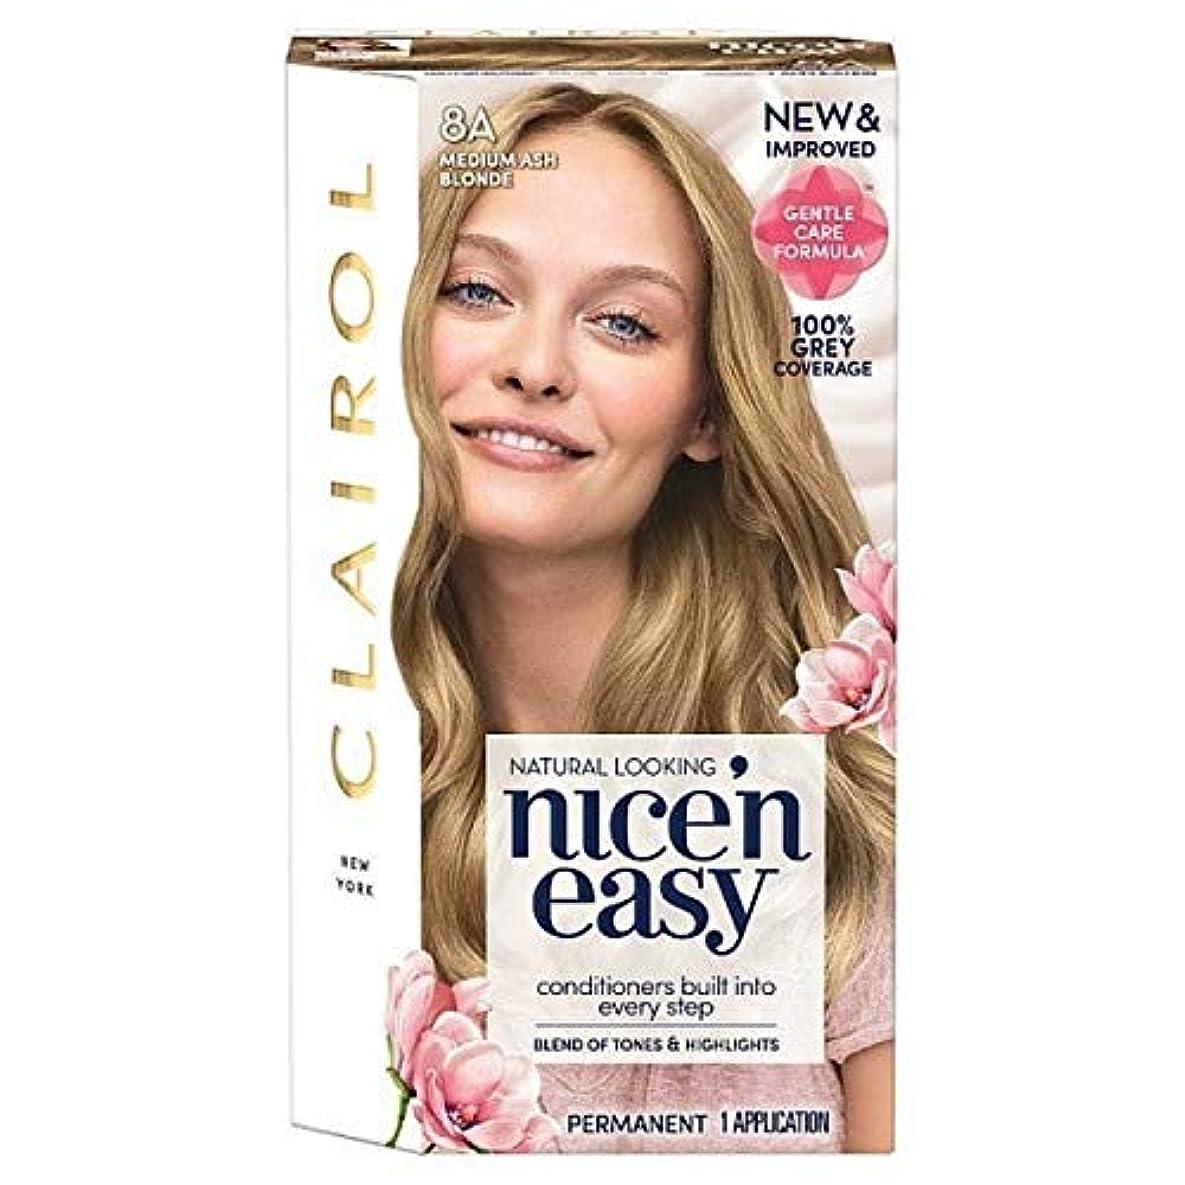 記憶粘り強いコンサルタント[Nice'n Easy] Nice'N簡単8A中アッシュブロンド - Nice'n Easy 8A Medium Ash Blonde [並行輸入品]